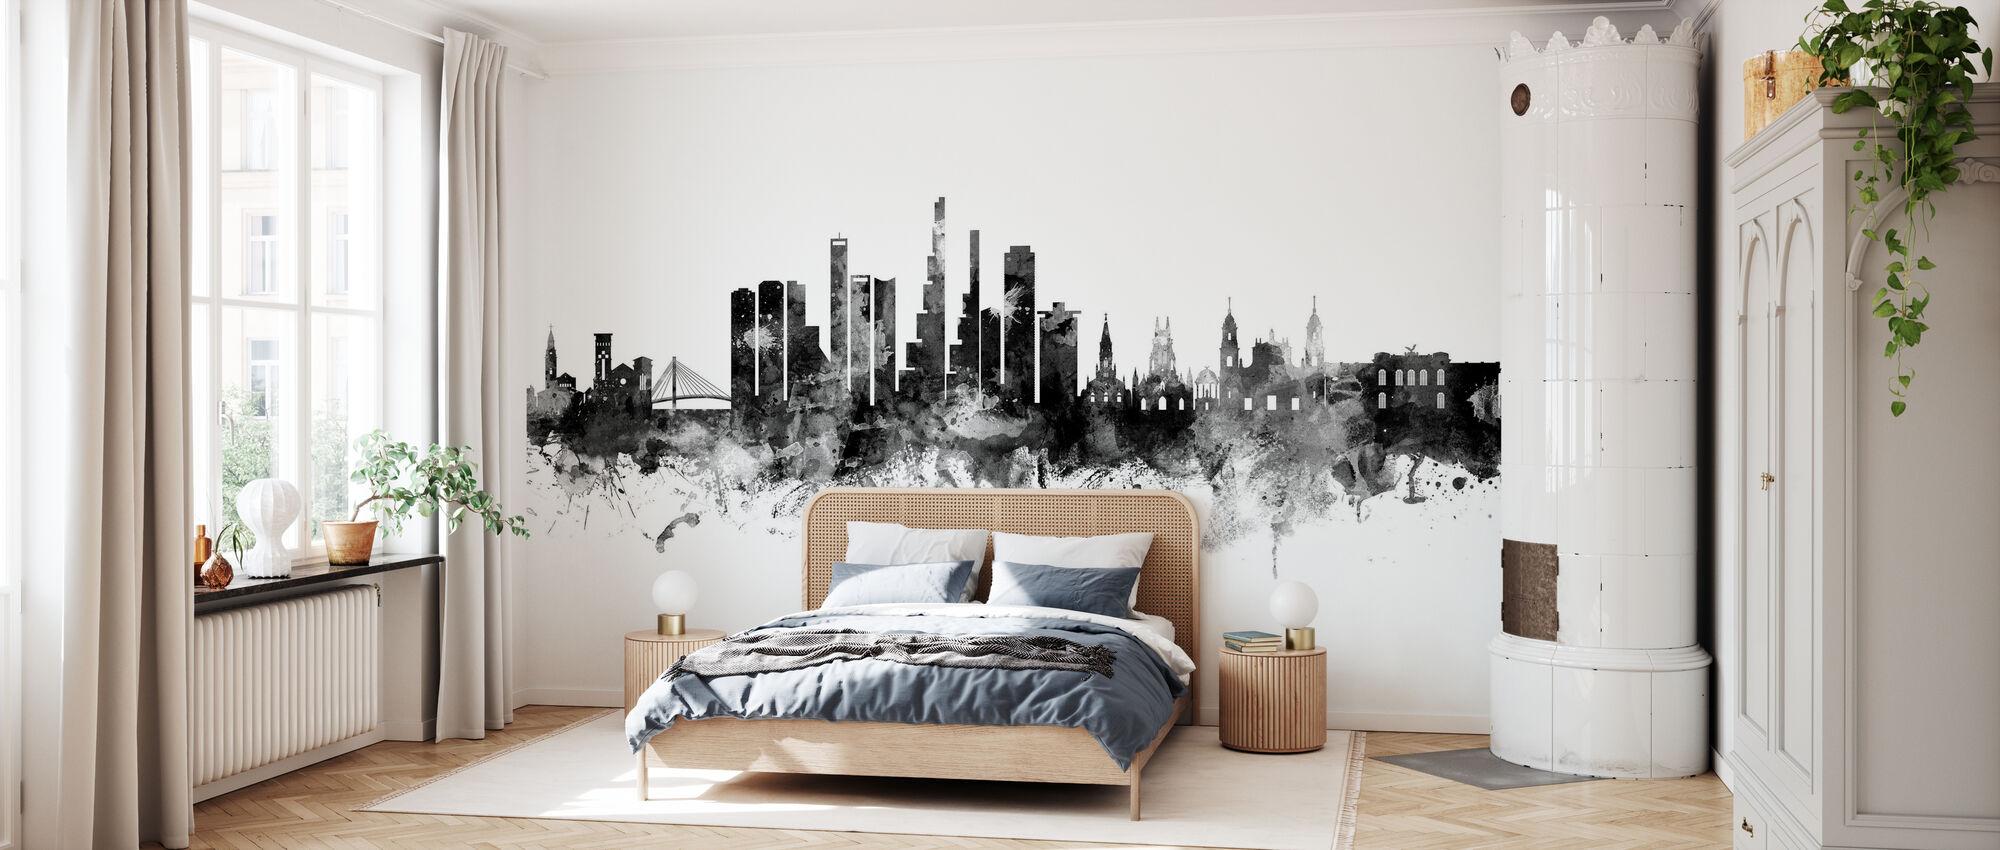 Bogota Colombia Skyline - Wallpaper - Bedroom